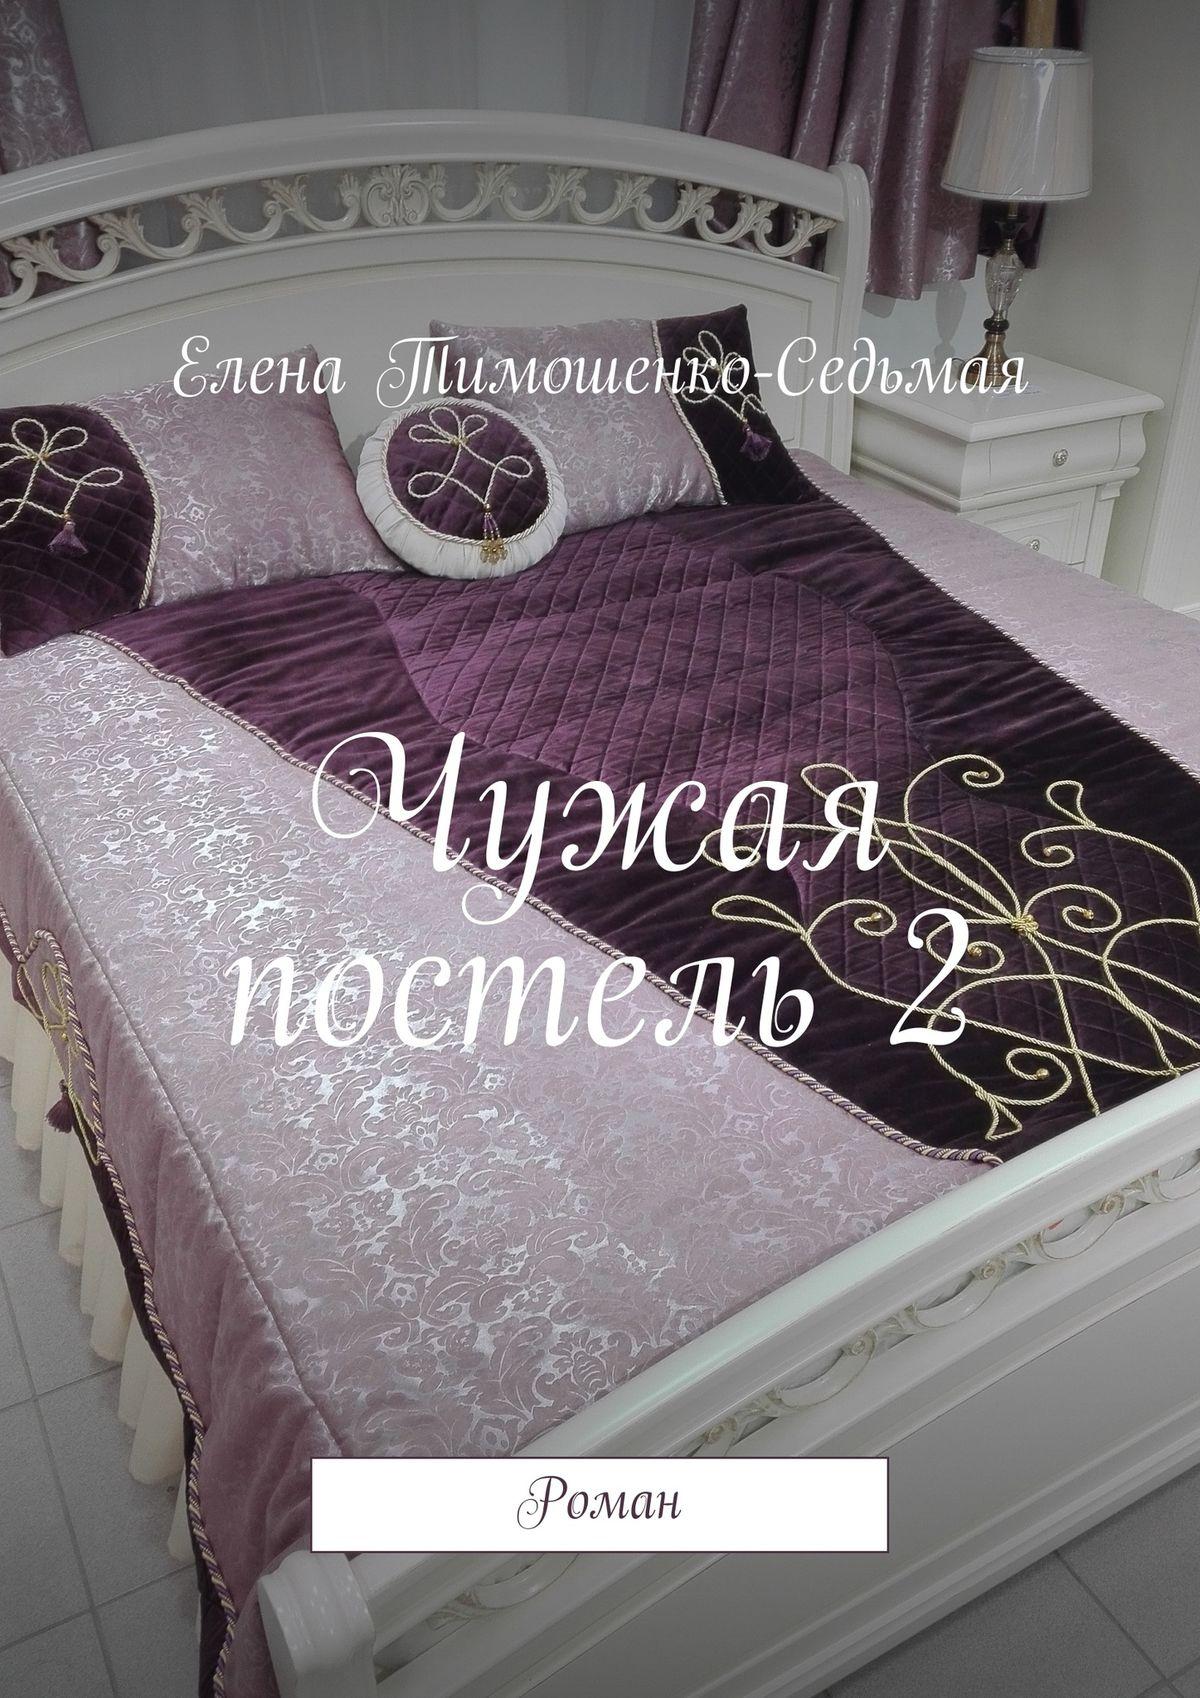 Елена Тимошенко-Седьмая Чужая постель 2. Роман интимная игрушка для женщины other